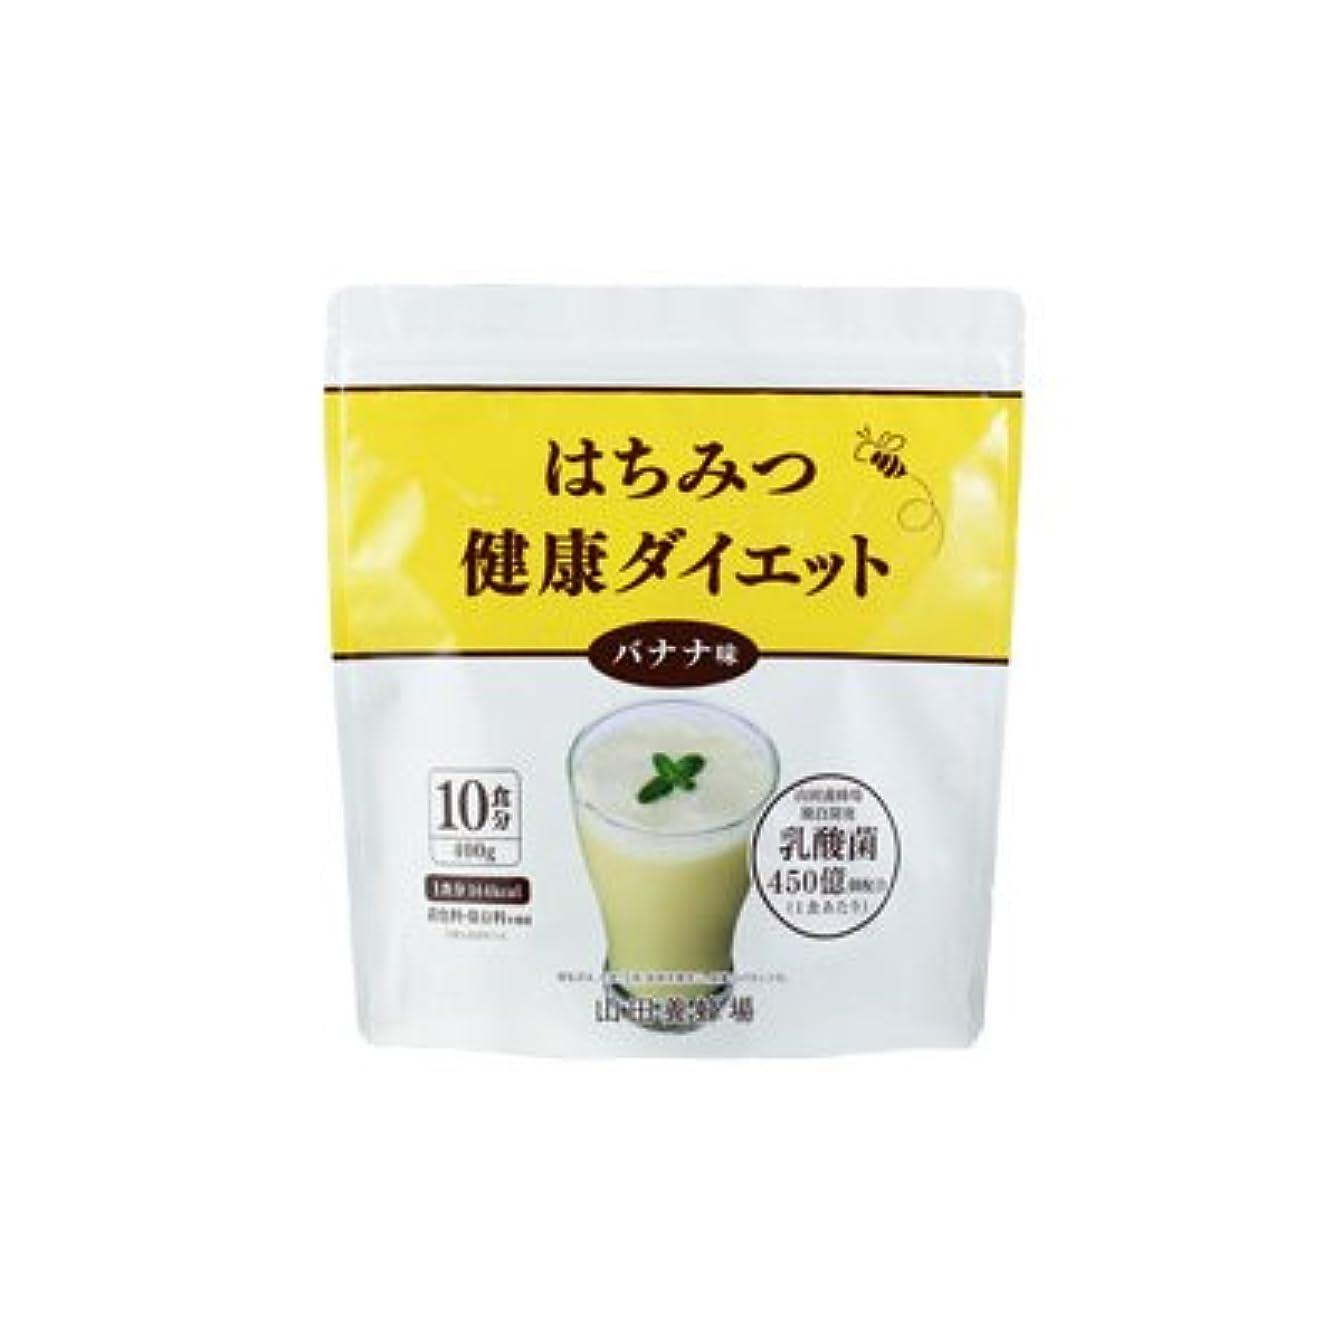 記念フォージ話はちみつ健康ダイエット 【バナナ味】400g(10食分)